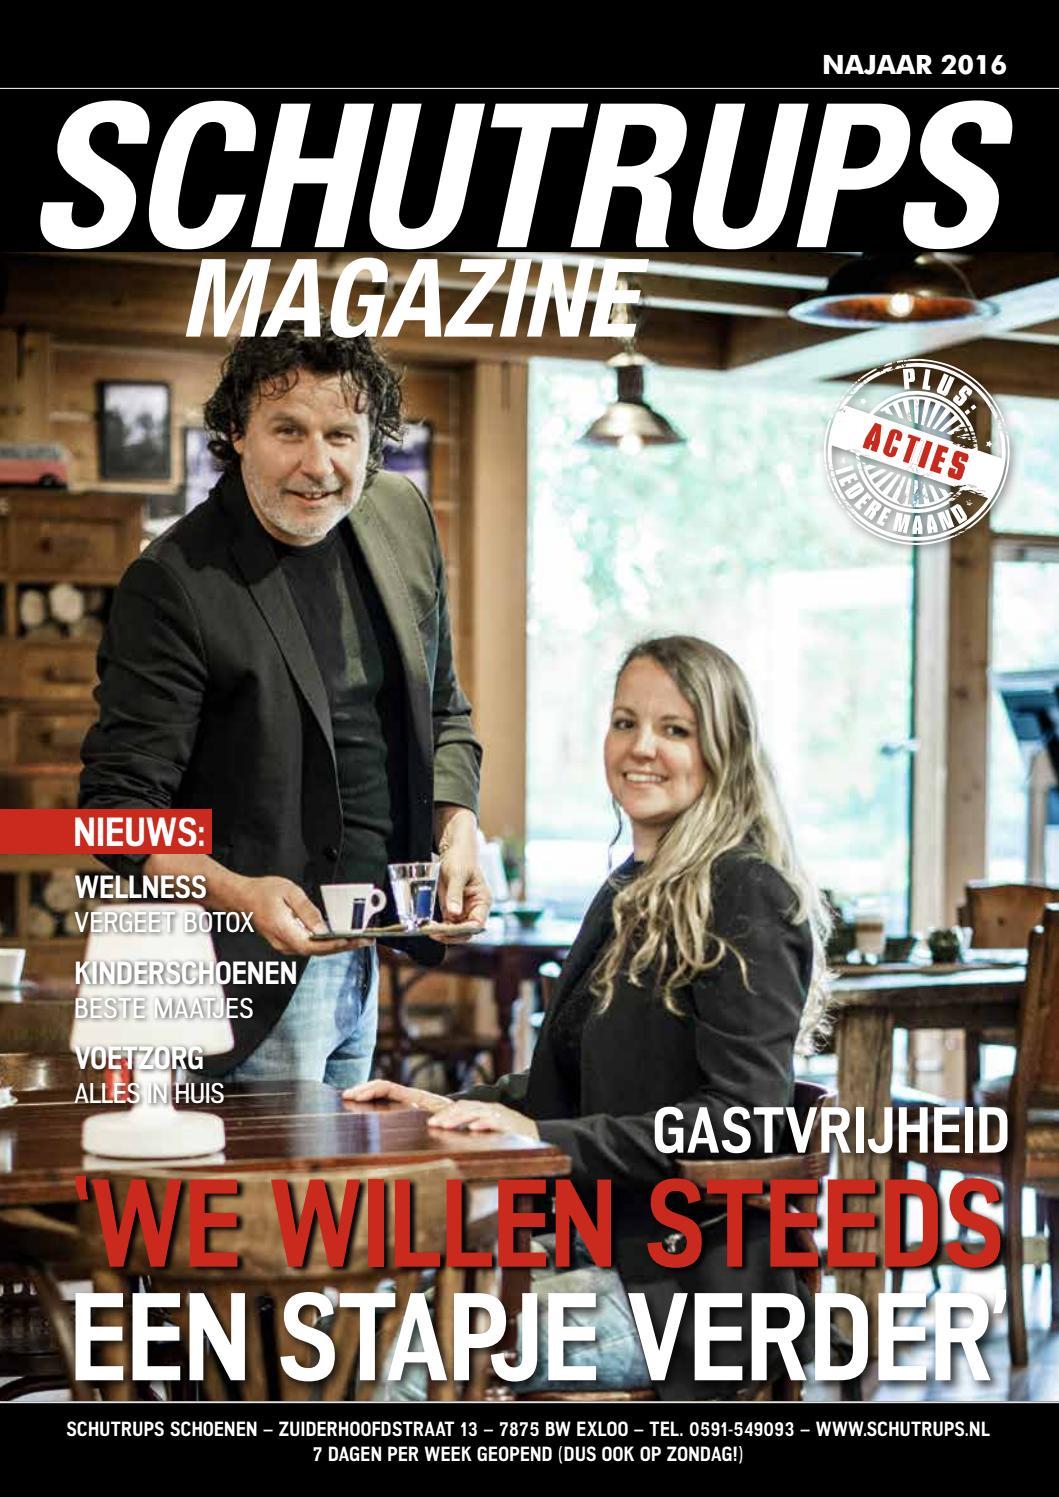 Schutrups najaar magazine 2016 by schutrups magazine   issuu